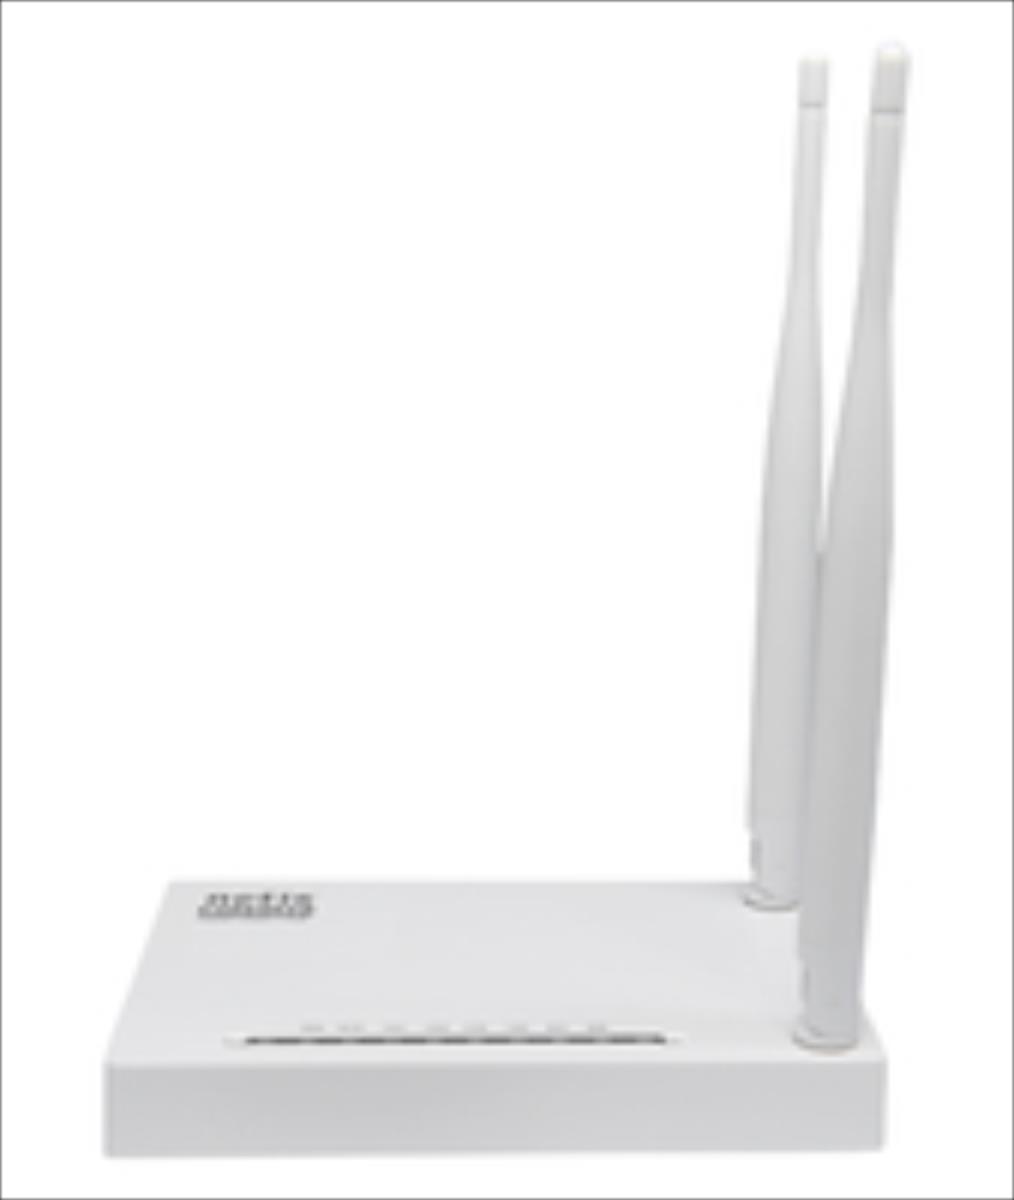 Netis Router WIFI G/N300 + LAN x4, 2x Antena 5 dBi WF2419E WiFi Rūteris